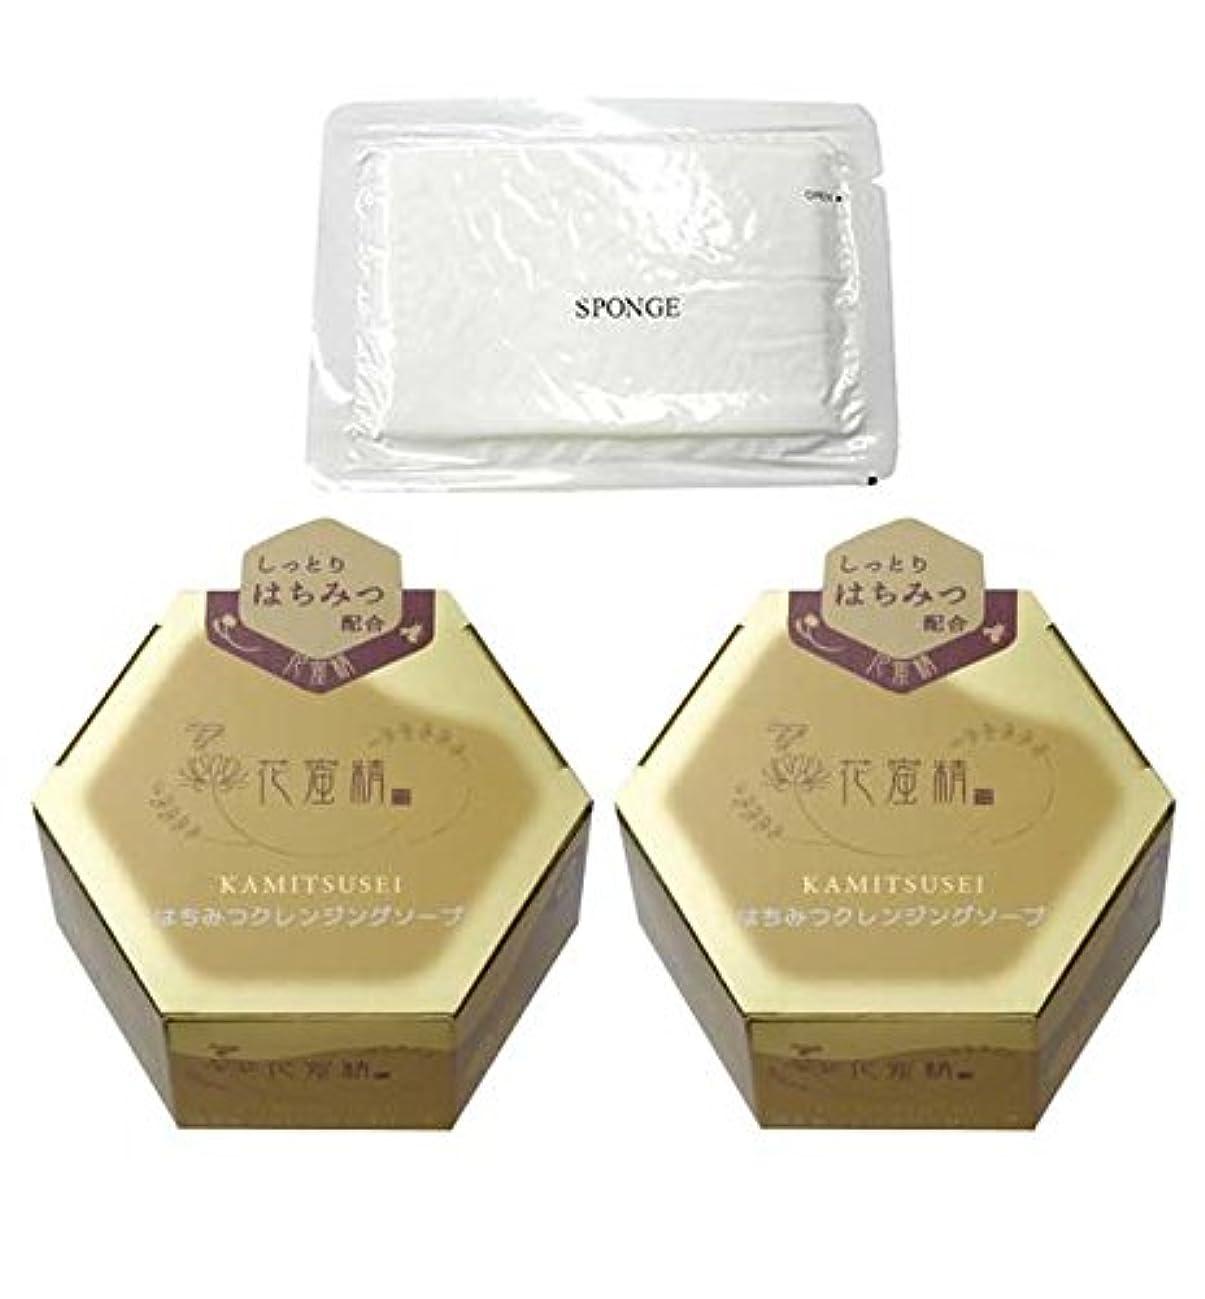 魔法観光武器花蜜精 はちみつクレンジングソープ 85g 2個 + 圧縮スポンジセット